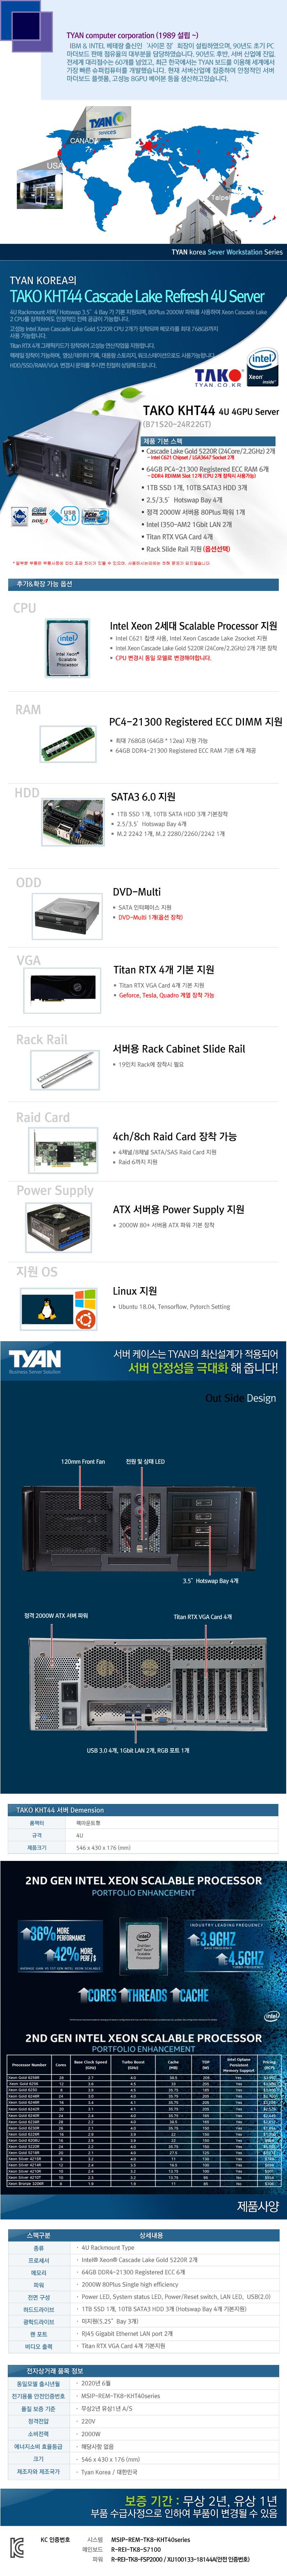 TYAN TAKO-KHT44-(B71S20-24R22GT) 4GPU (384GB, SSD 1TB + 30TB)